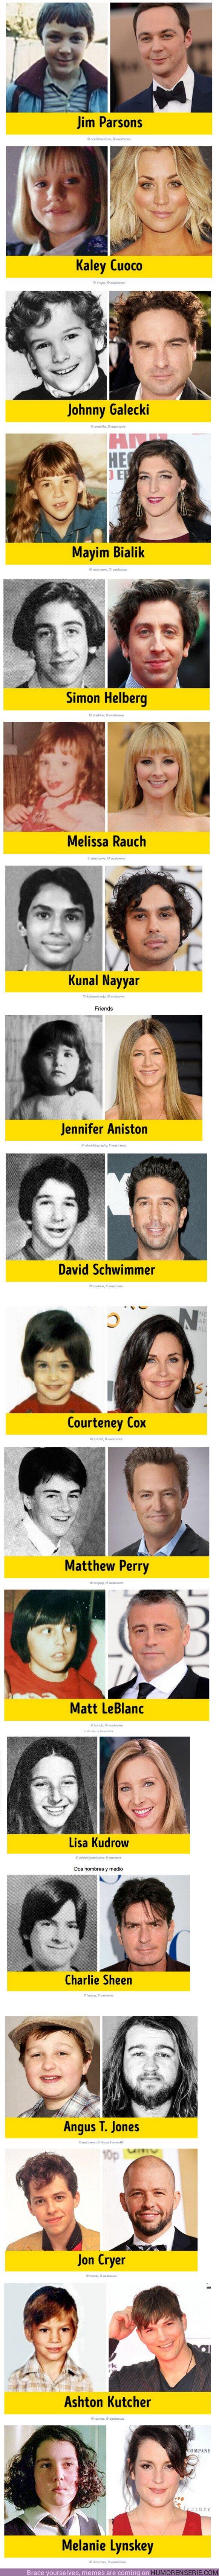 52789 - Así eran los actores y actrices de tus series favoritas cuando eran niños